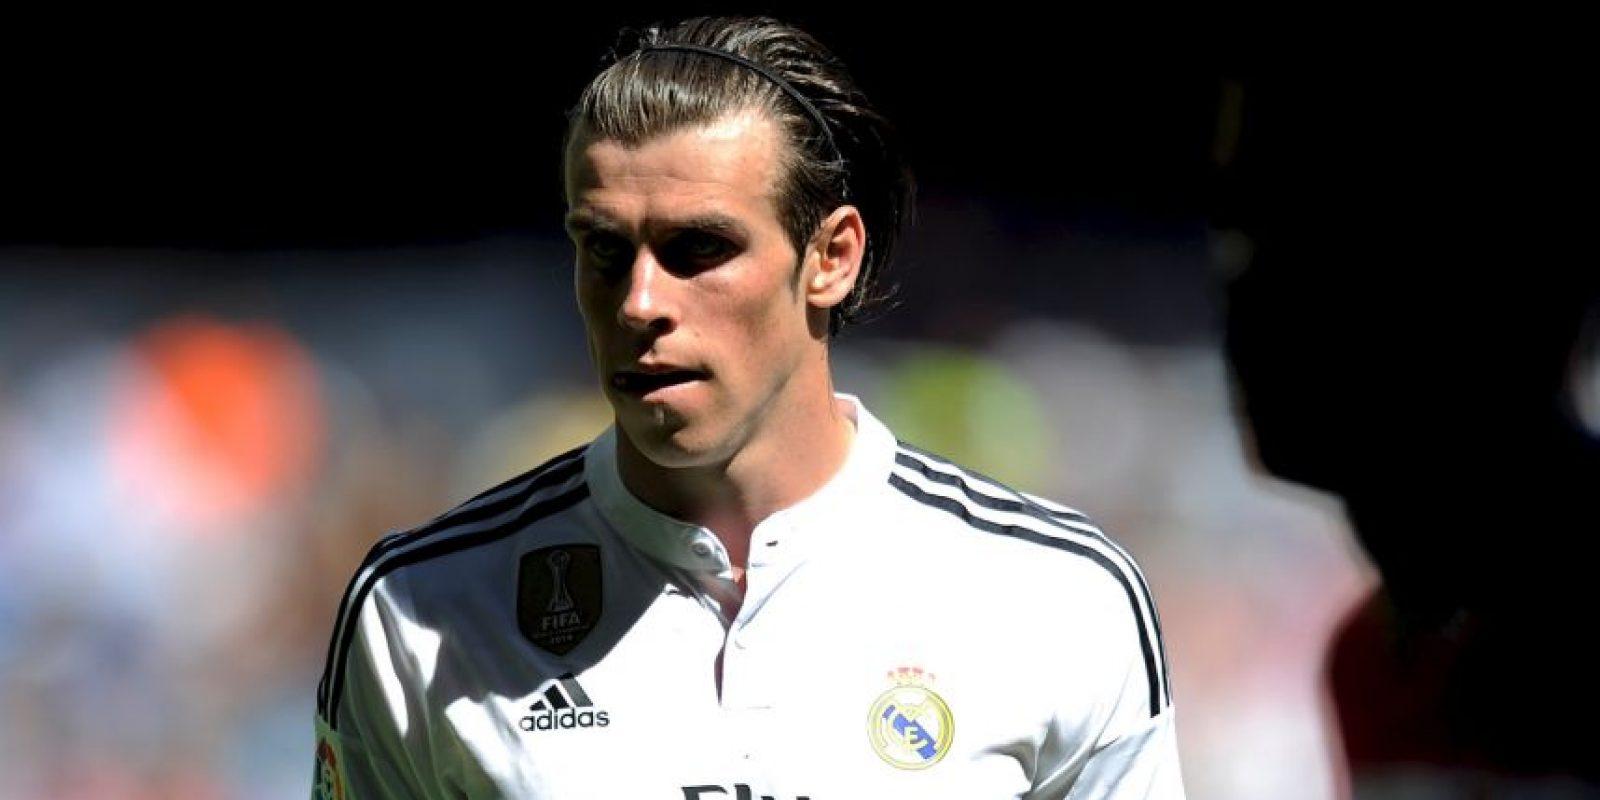 """Gareth Bale es uno de los jugadores """"consentidos"""" del Real Madrid. El galés llegó al conjunto merengue en 2013 por la impresionante cifra de 94 millones de euros (unos 102 millones de dólares), convirtiéndose así en el fichaje más caro de la historia. Foto:Getty Images"""